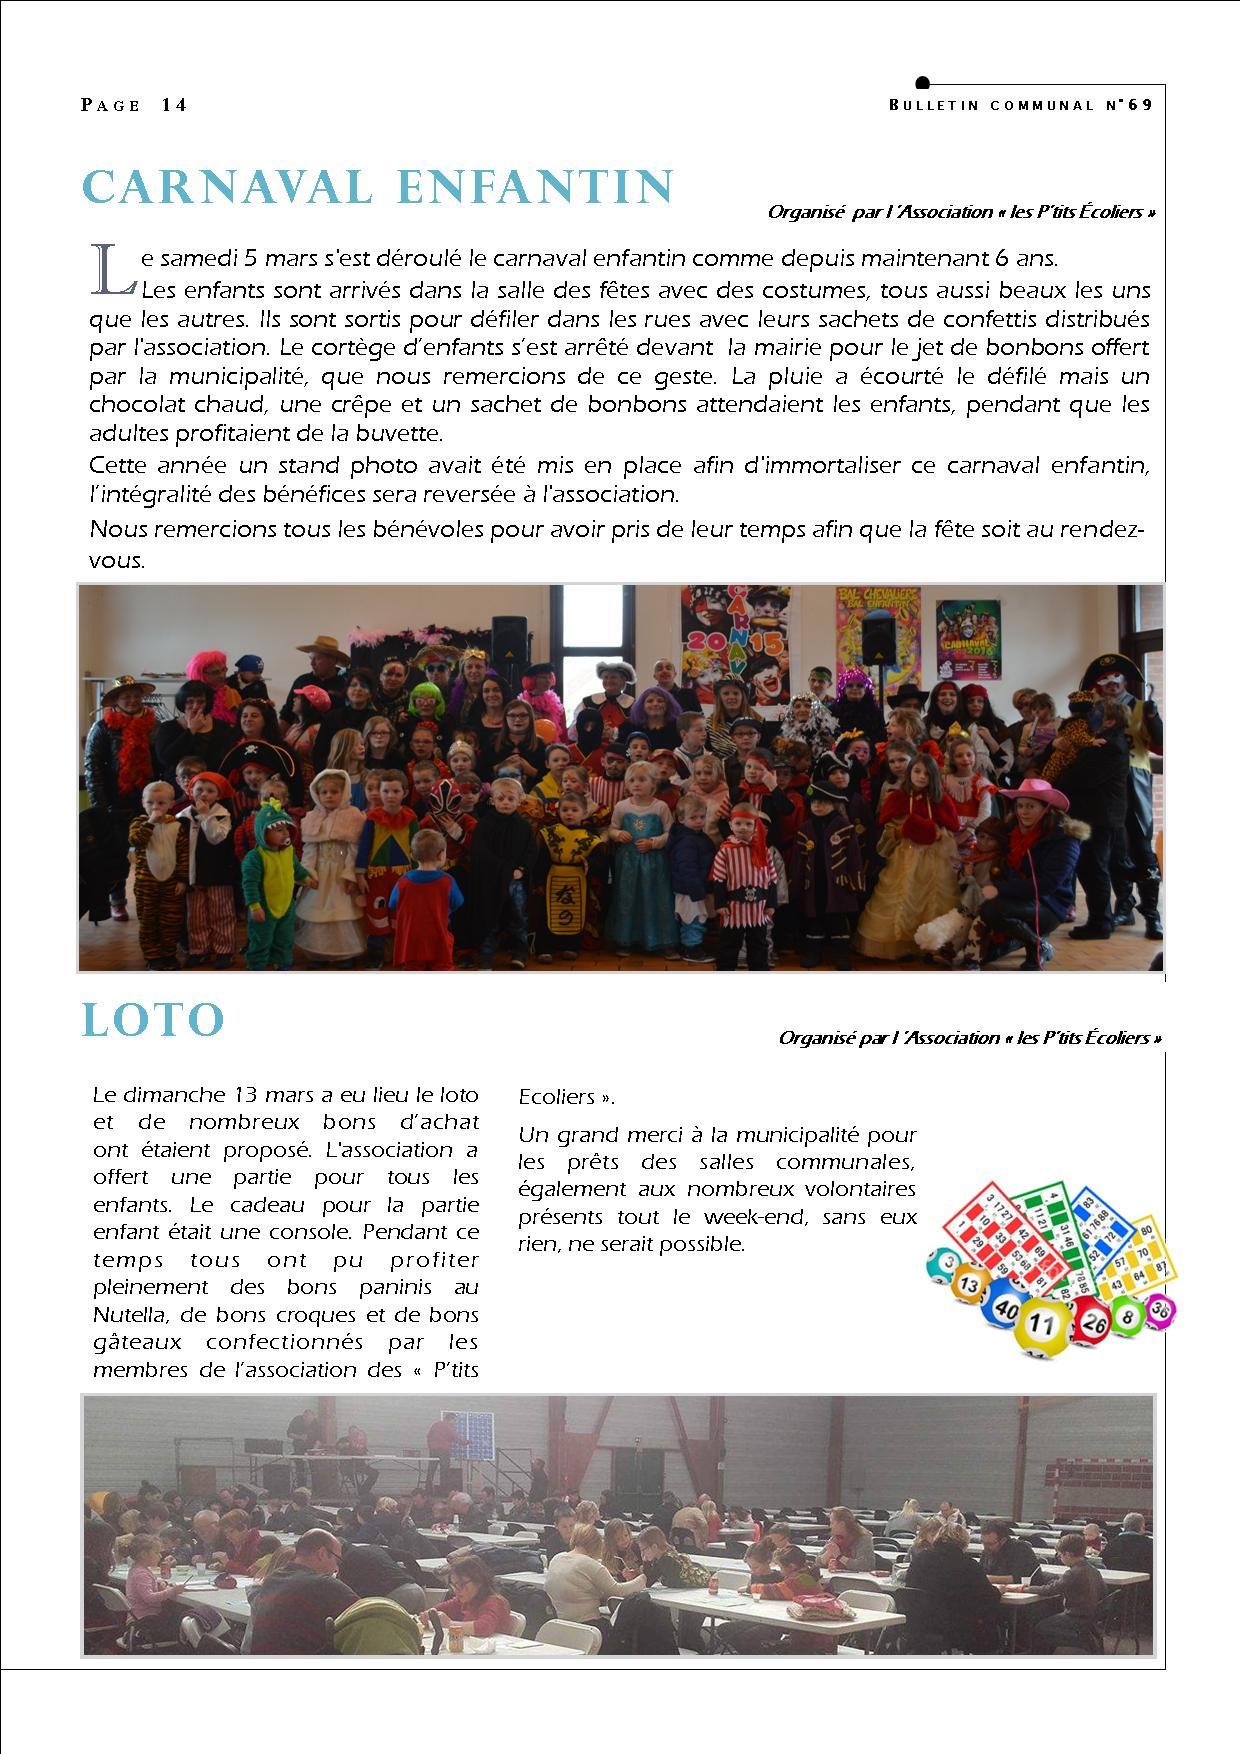 bulletin 69 p14